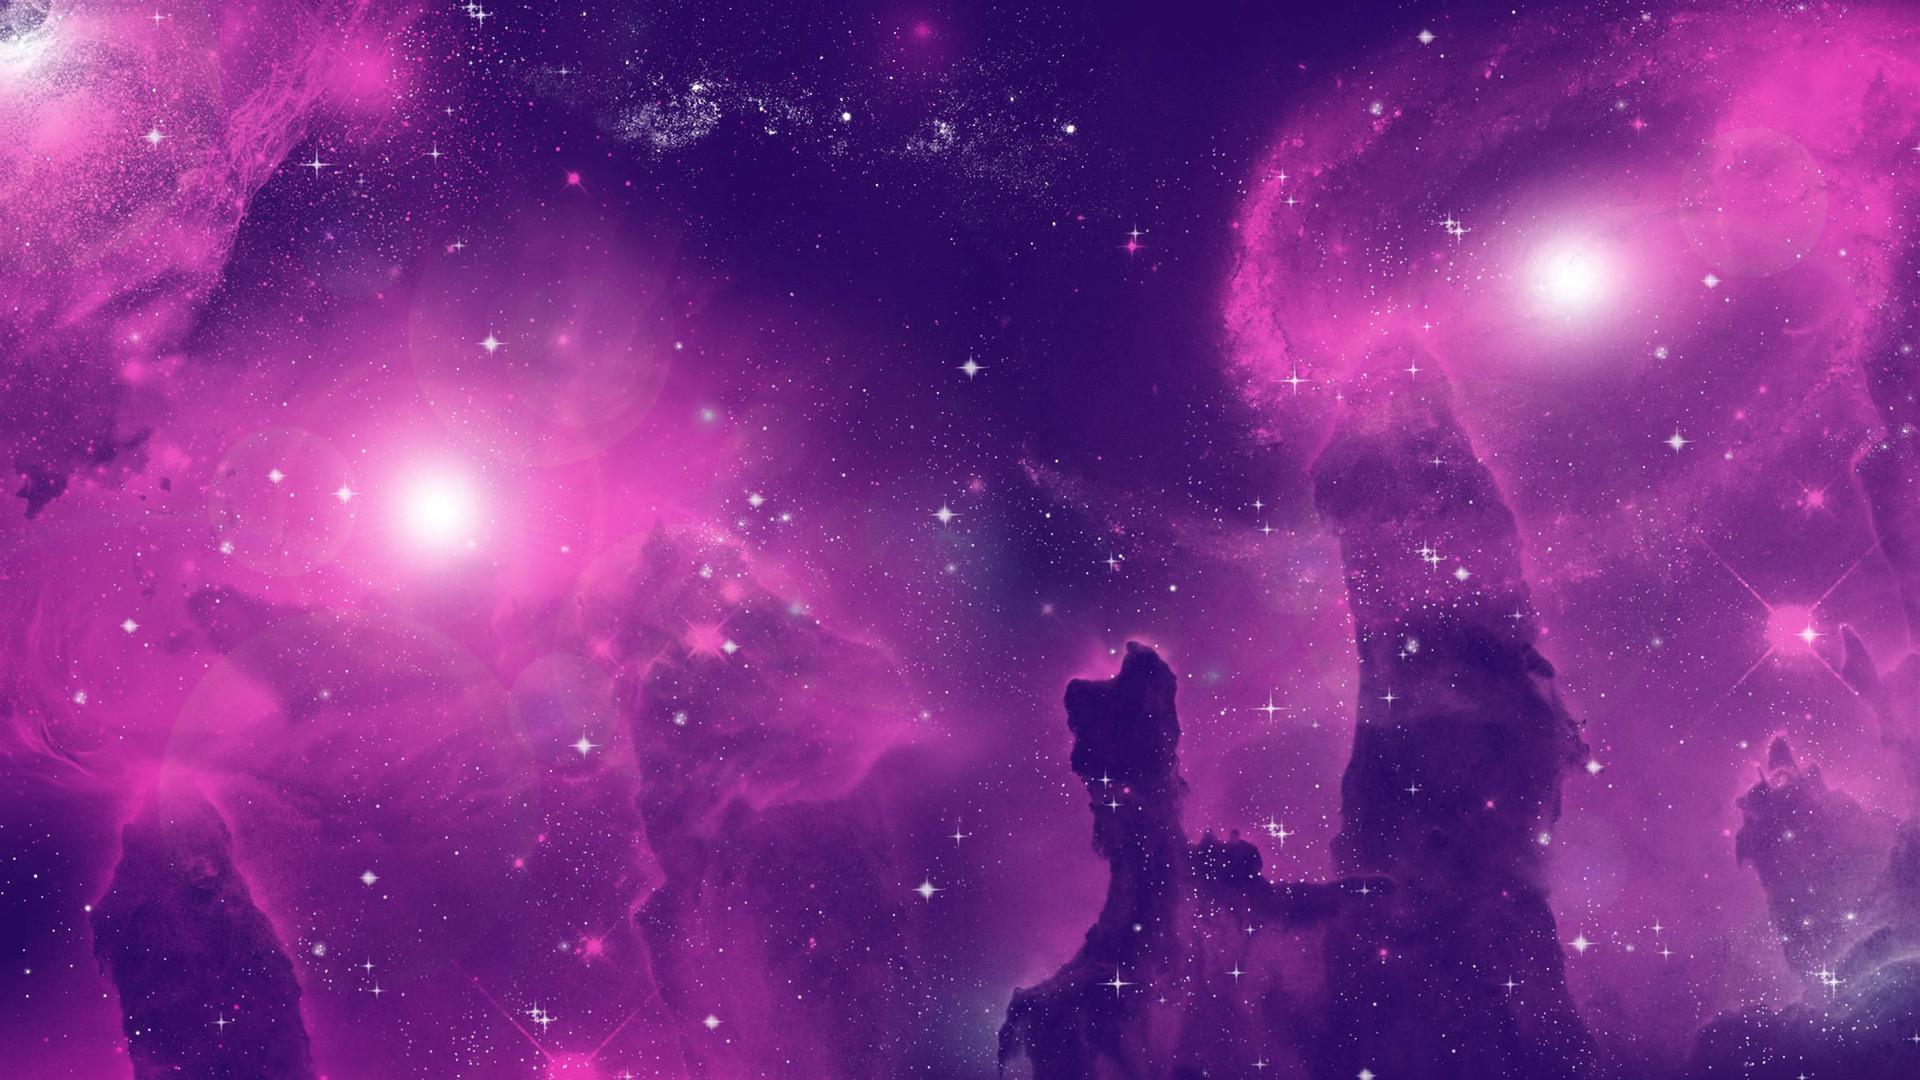 Beautiful nebula Wallpaper #20329